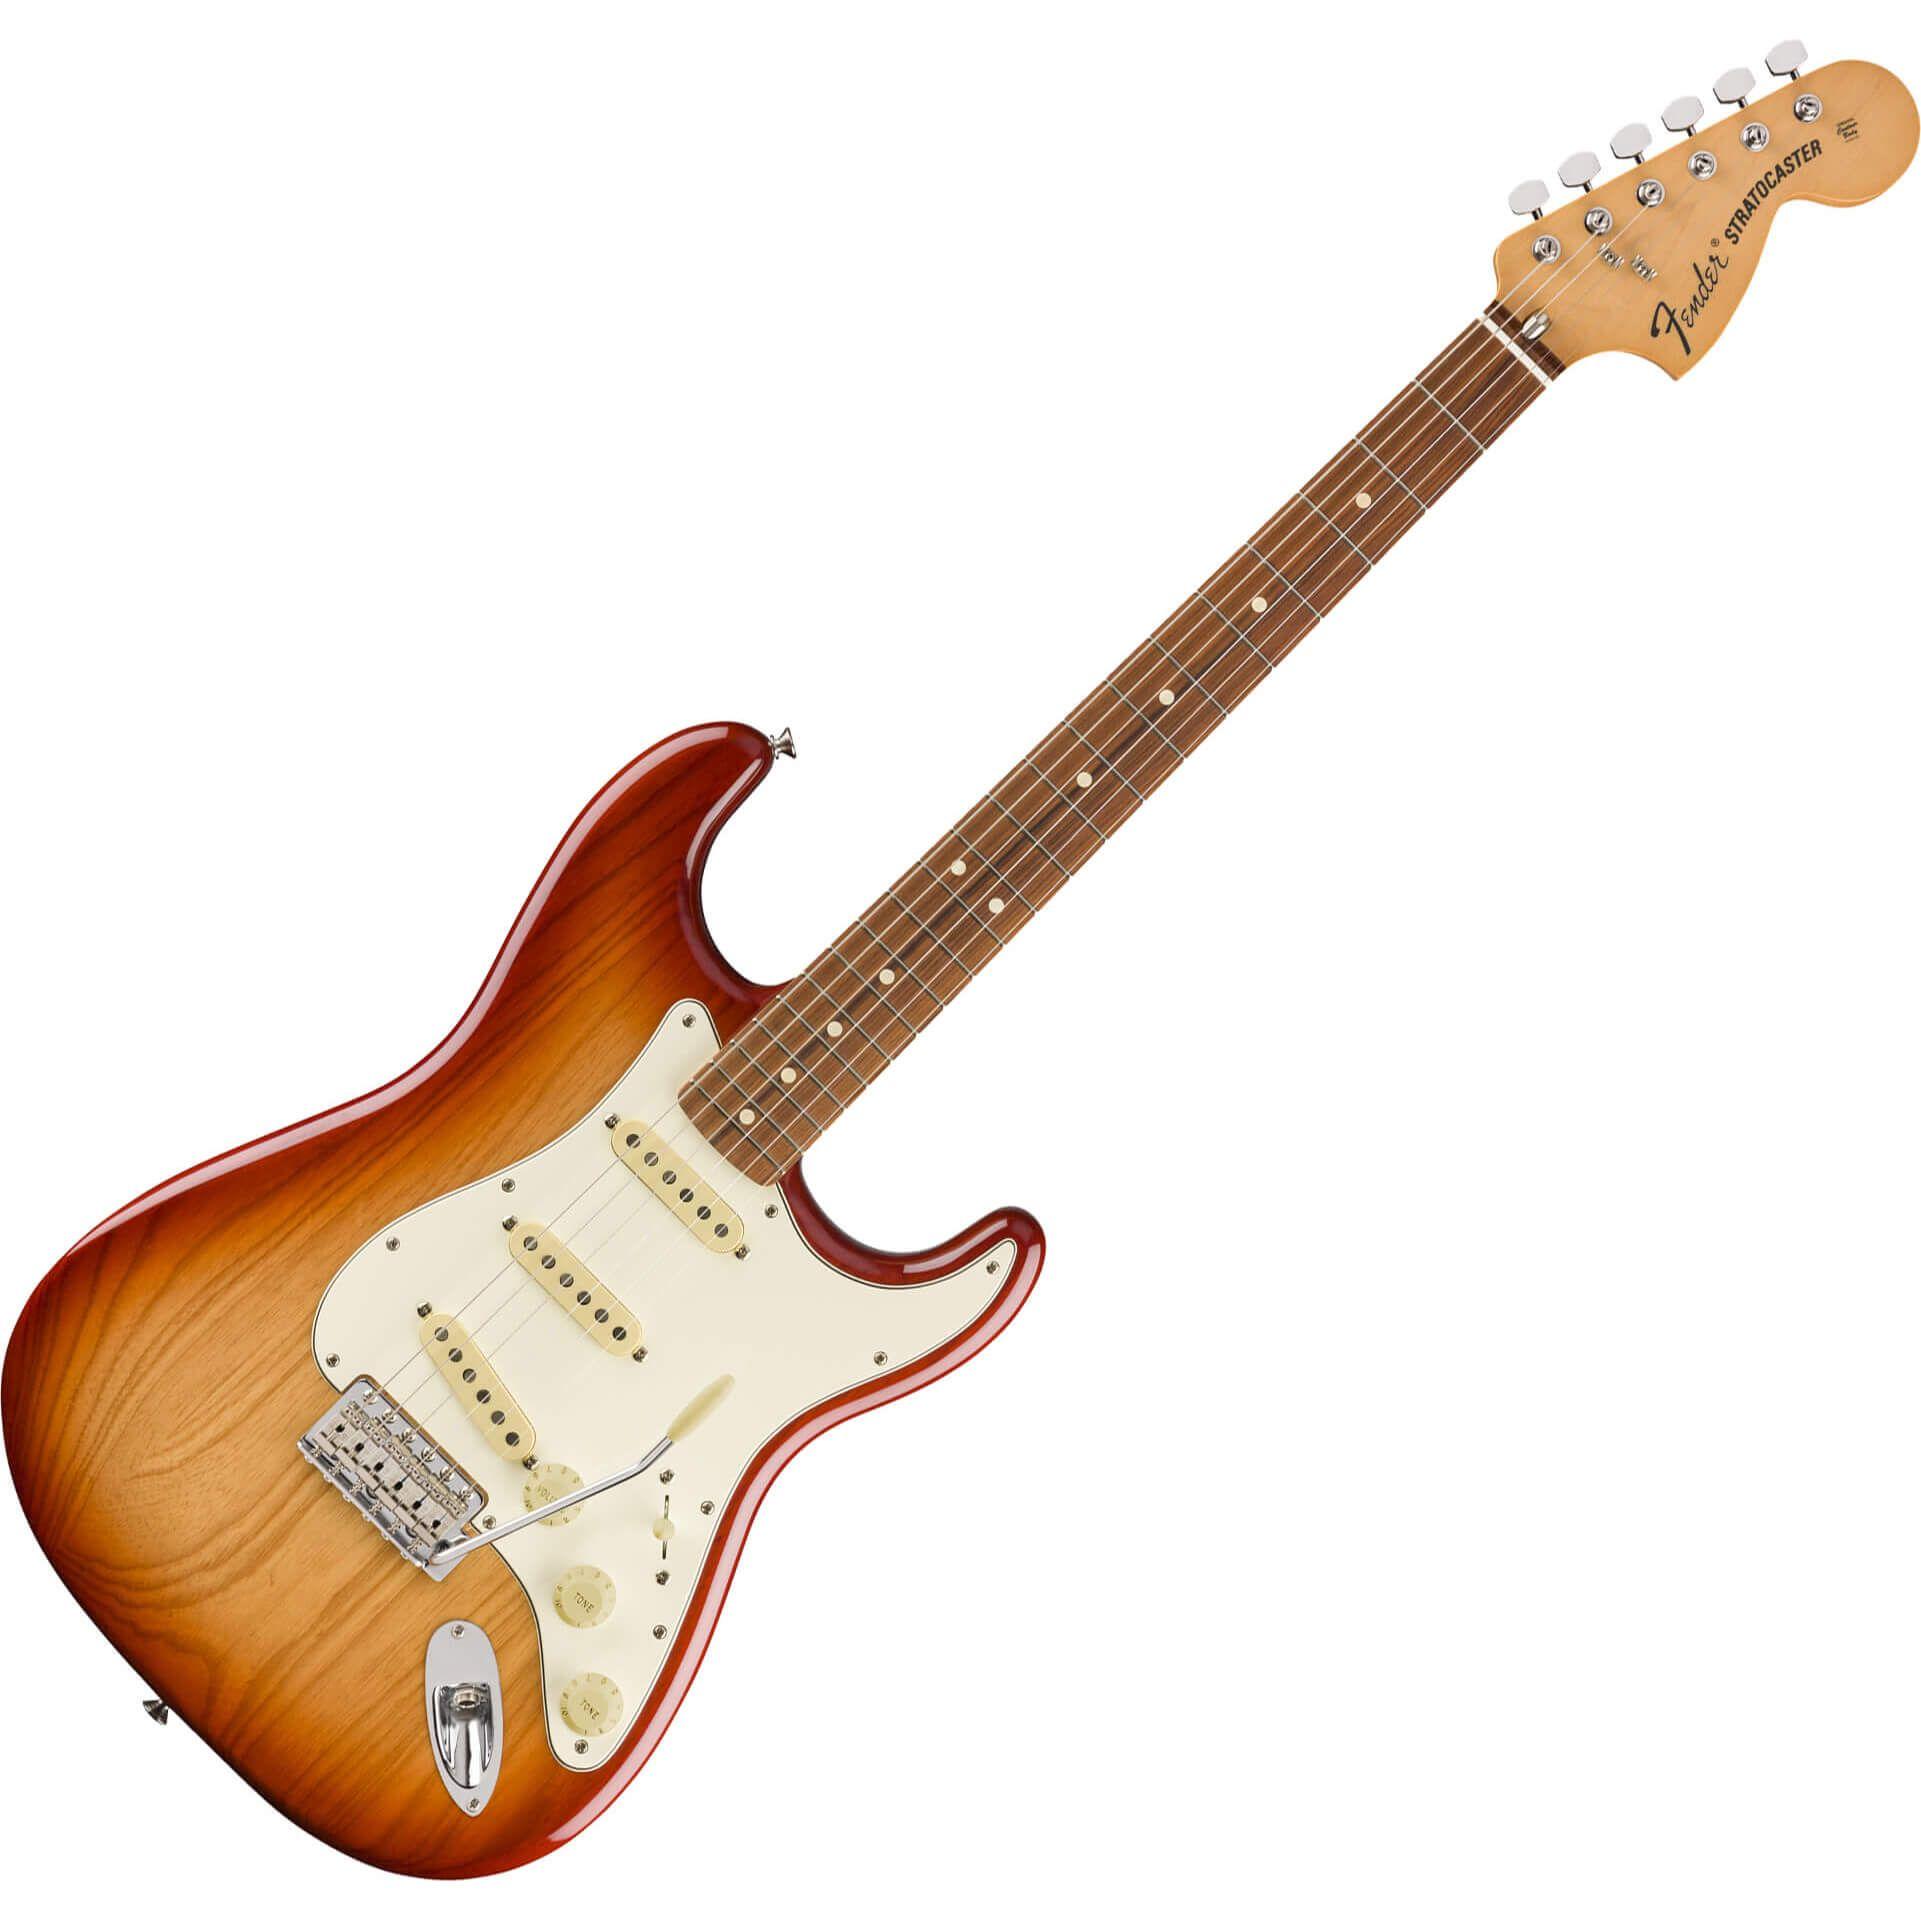 Fender Vintera Series 70s Stratocaster - PF - Sienna Sunburst